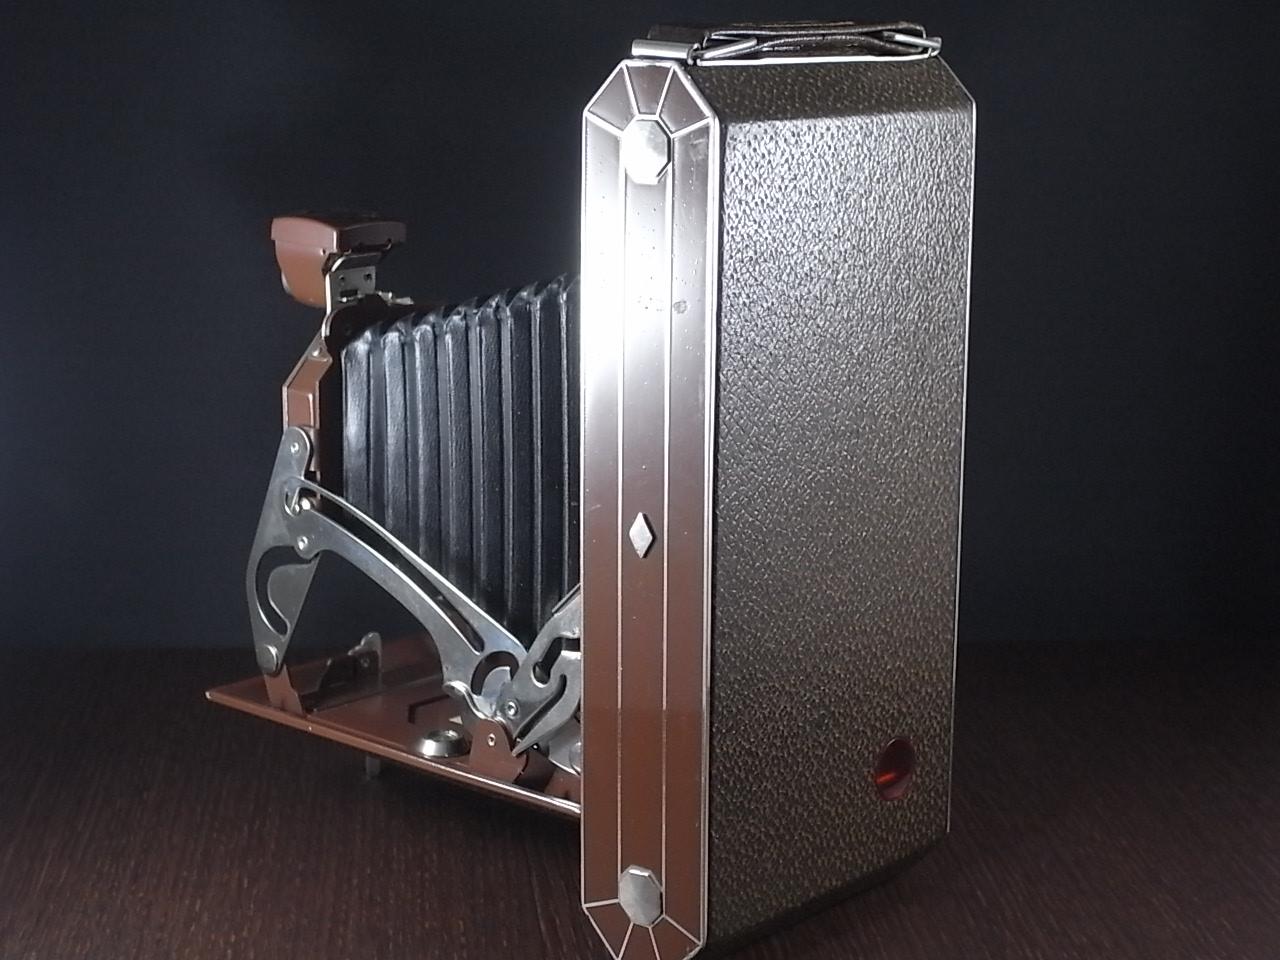 コダック アールデコ 蛇腹カメラ SIX-16 ブラウンの写真3枚目